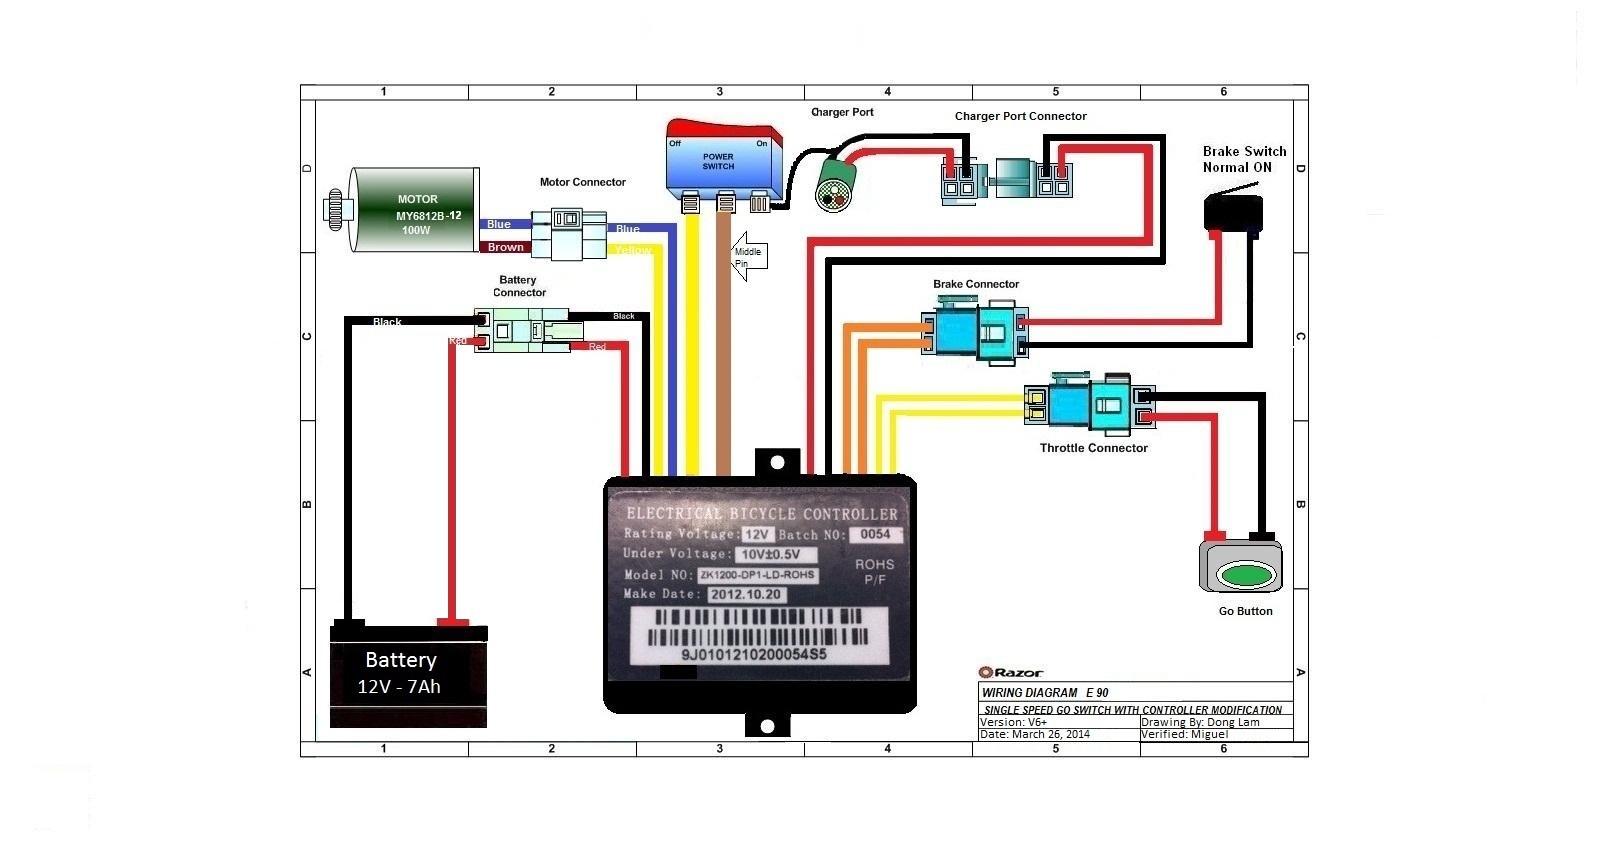 Chinese Quad Electrical Diagram 110cc Chinese atv Wiring Diagram Diagram Stream Of Chinese Quad Electrical Diagram